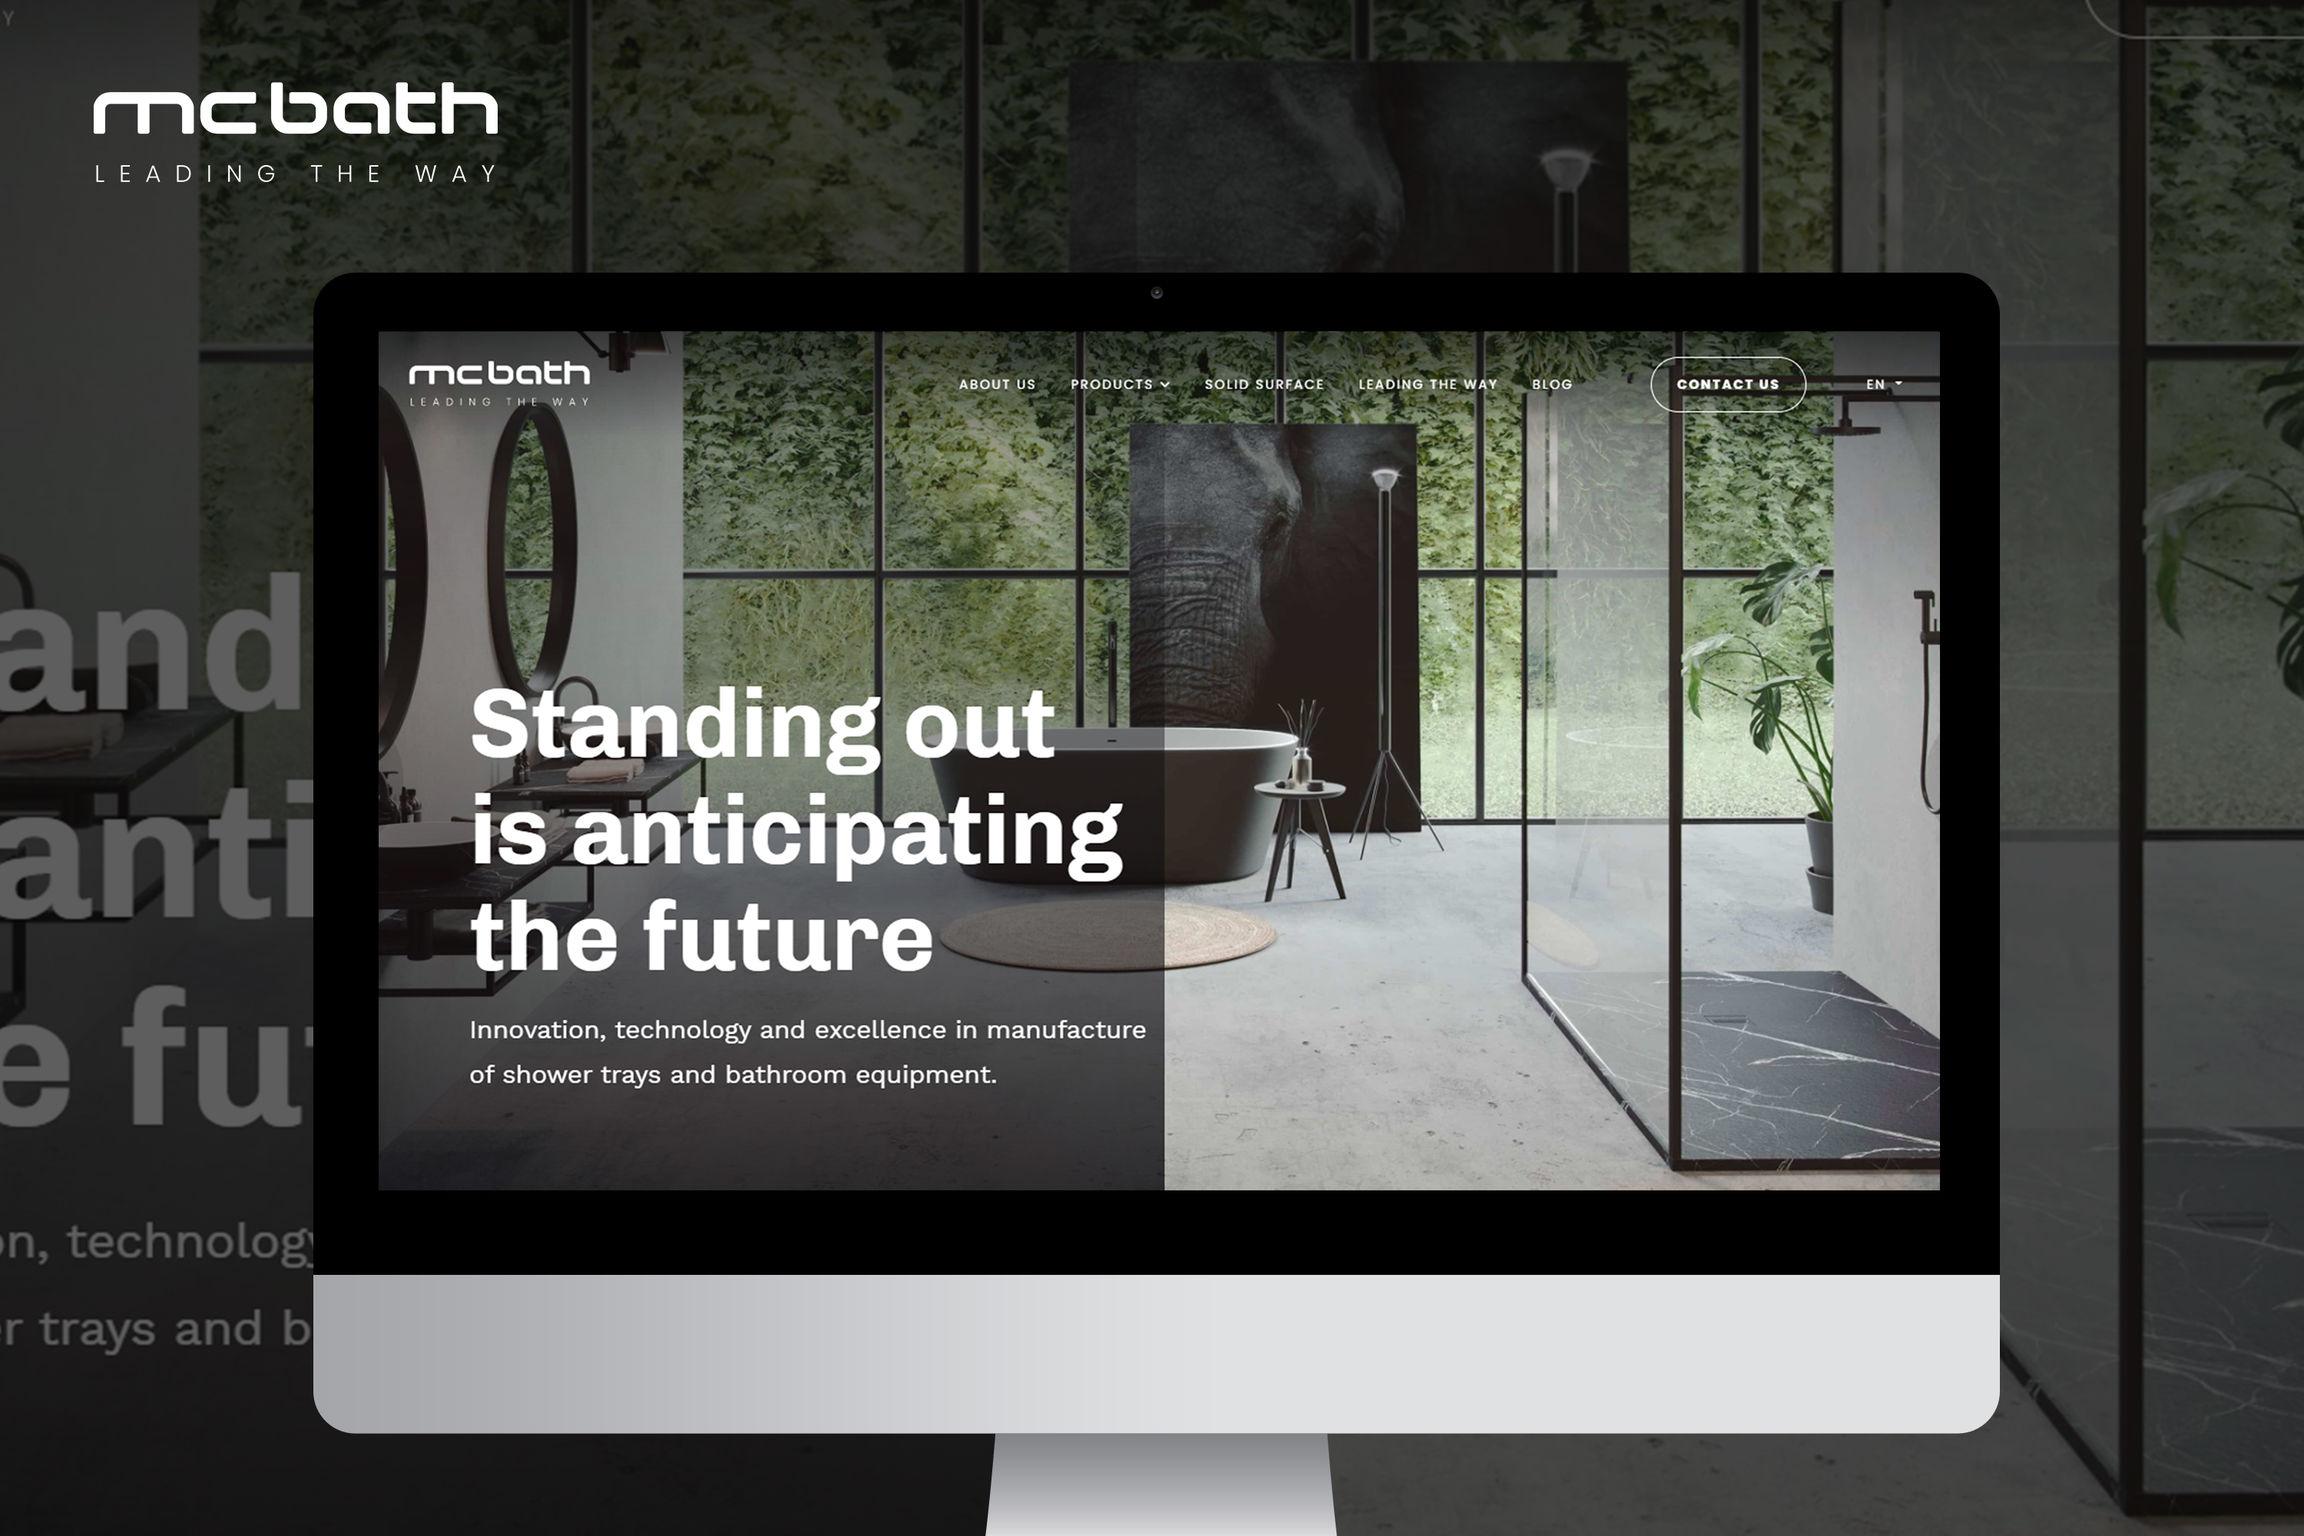 Desarrollo de la identidad de una marca: mcbath - Estrategia digital